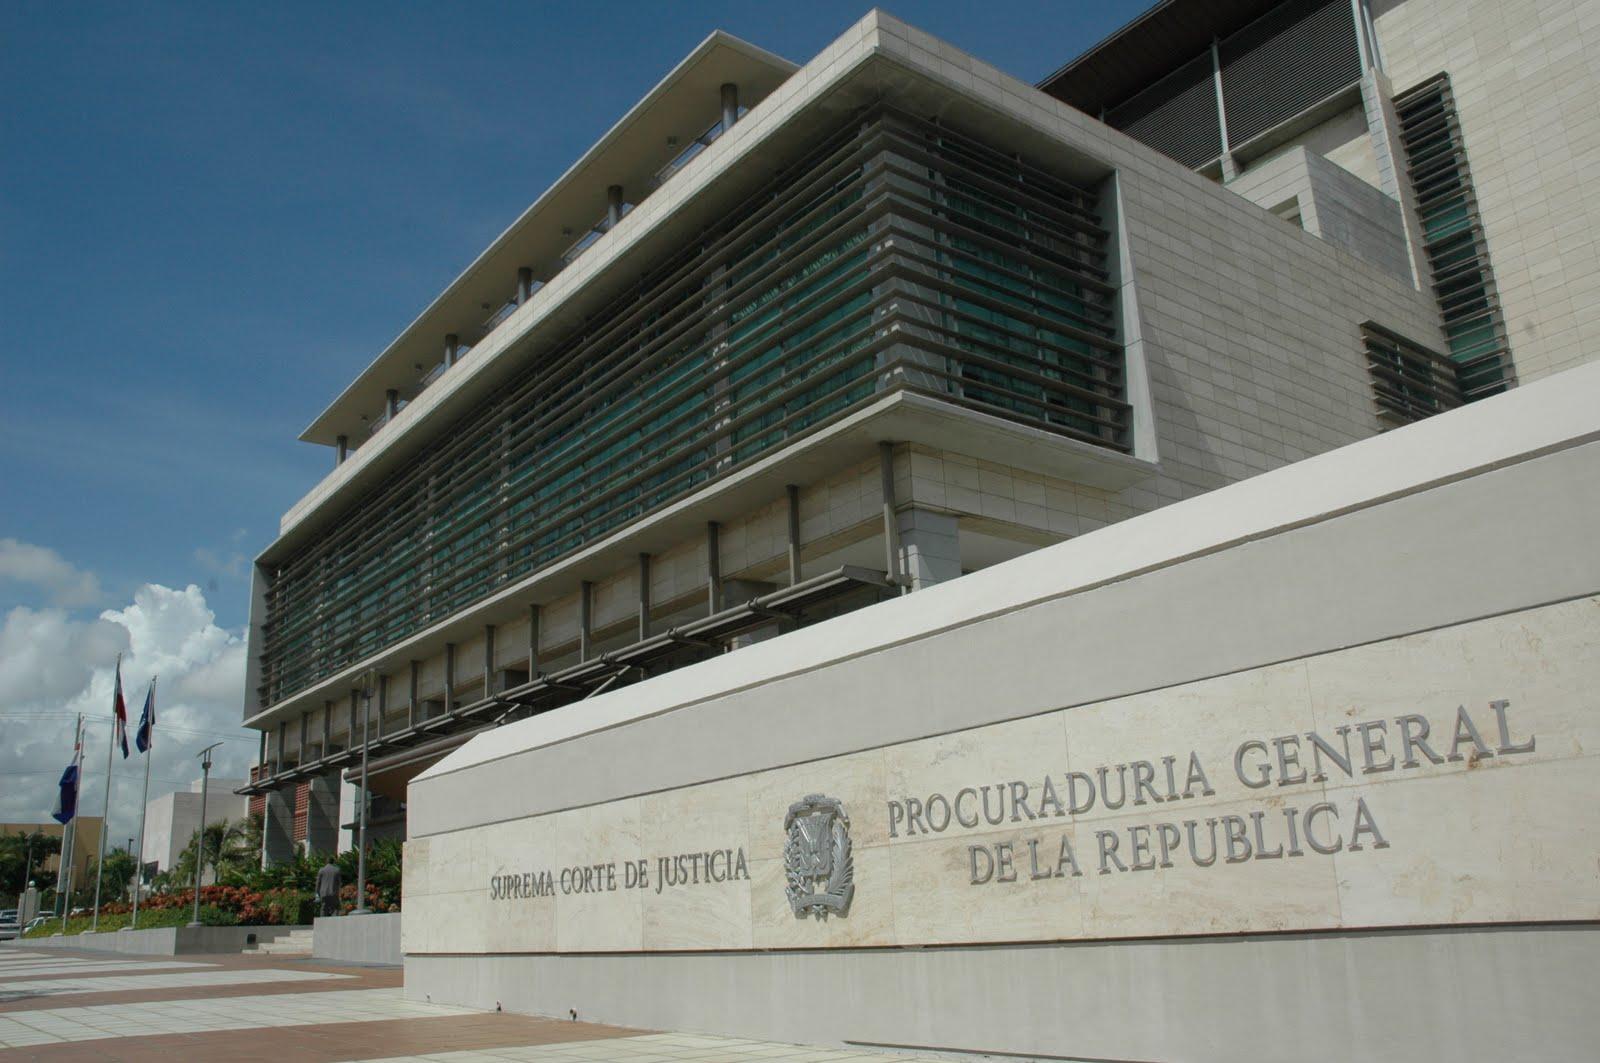 Asciende fiscales a procuradores generales de cortes de apelación